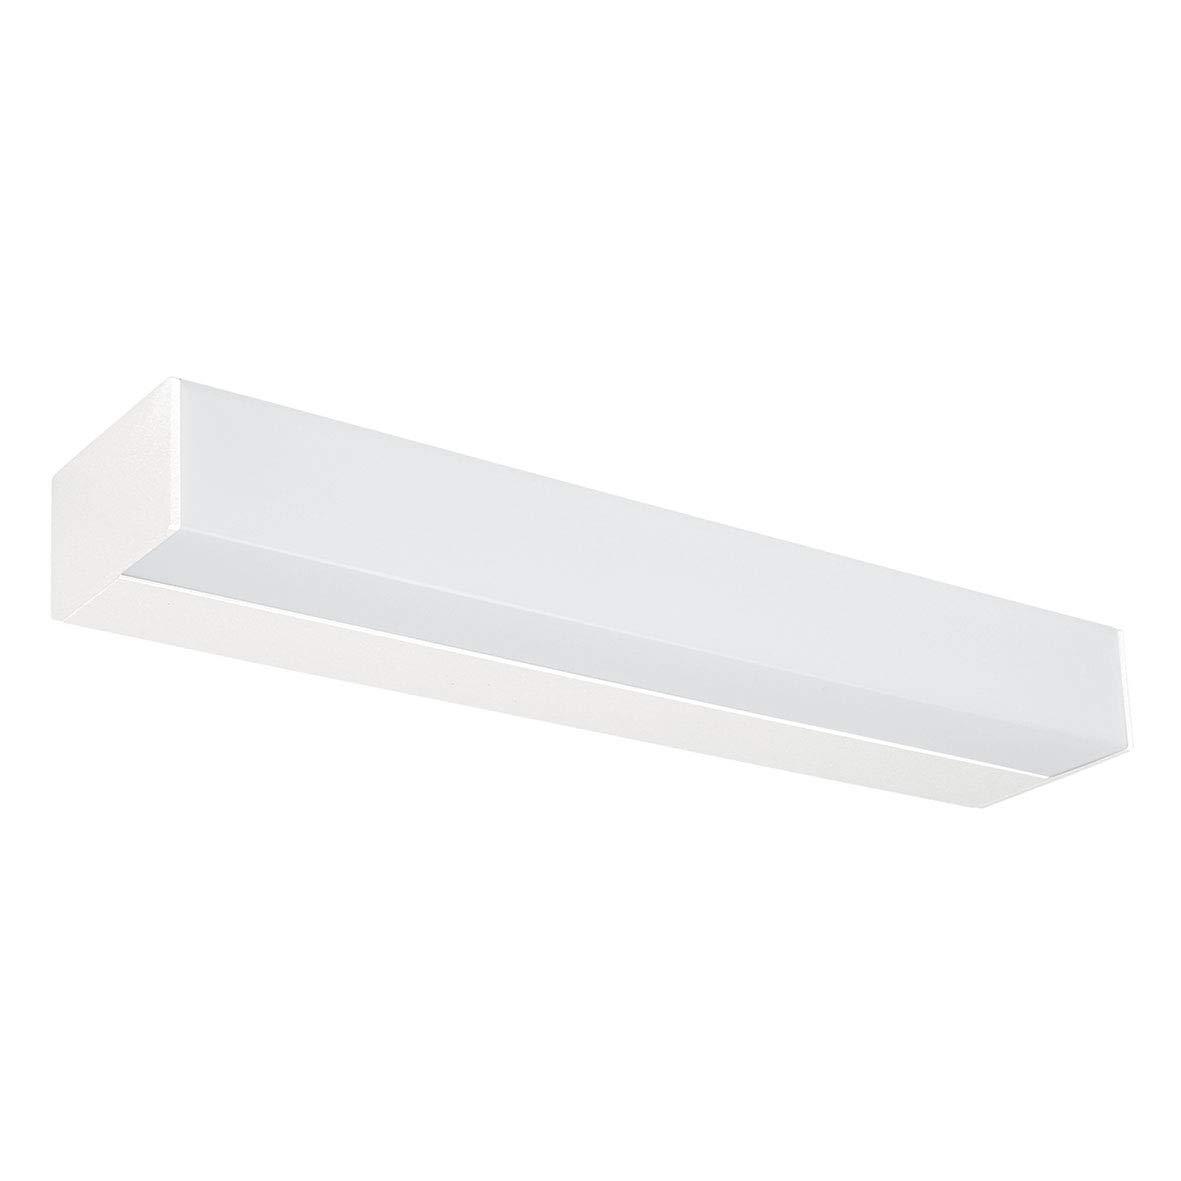 DEL Plafonnier Lampes Plafonnier 16 W à 114 W variateur lampe éclairage INCL FB